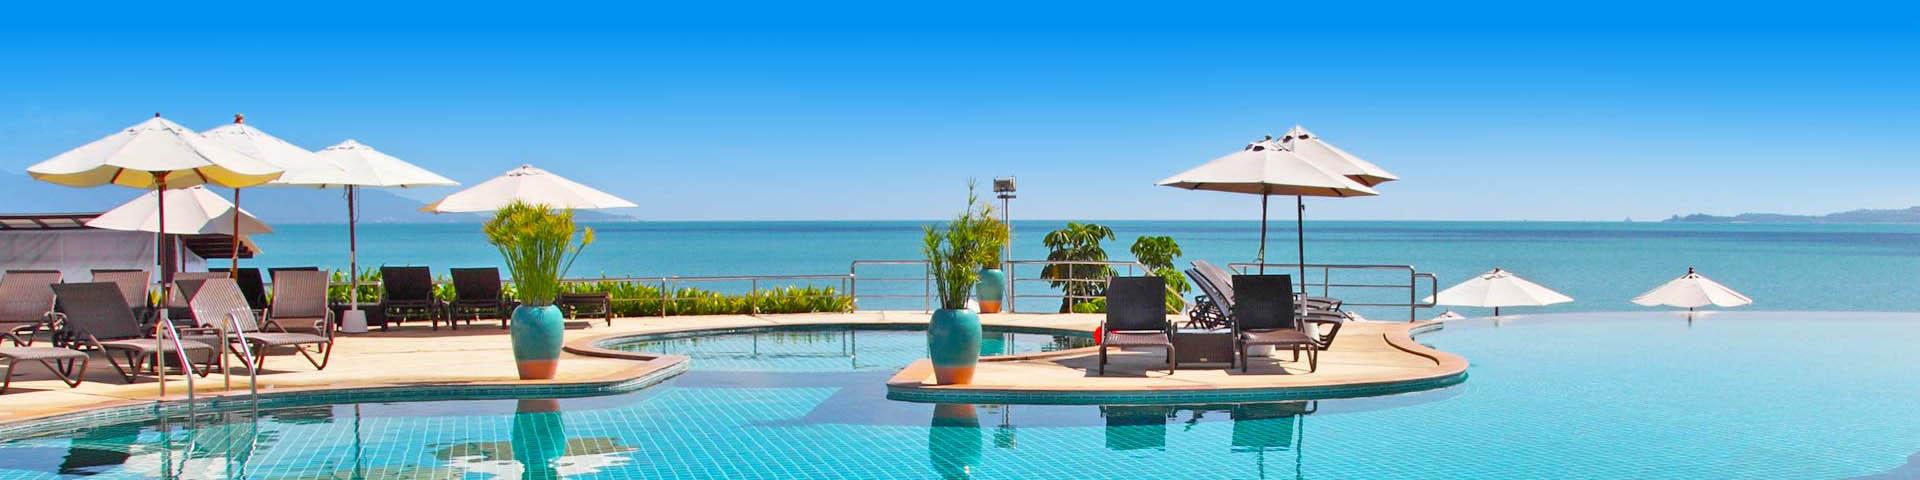 Luxe zwembad met ligbedjes en parasols op een all inclusive vakantie